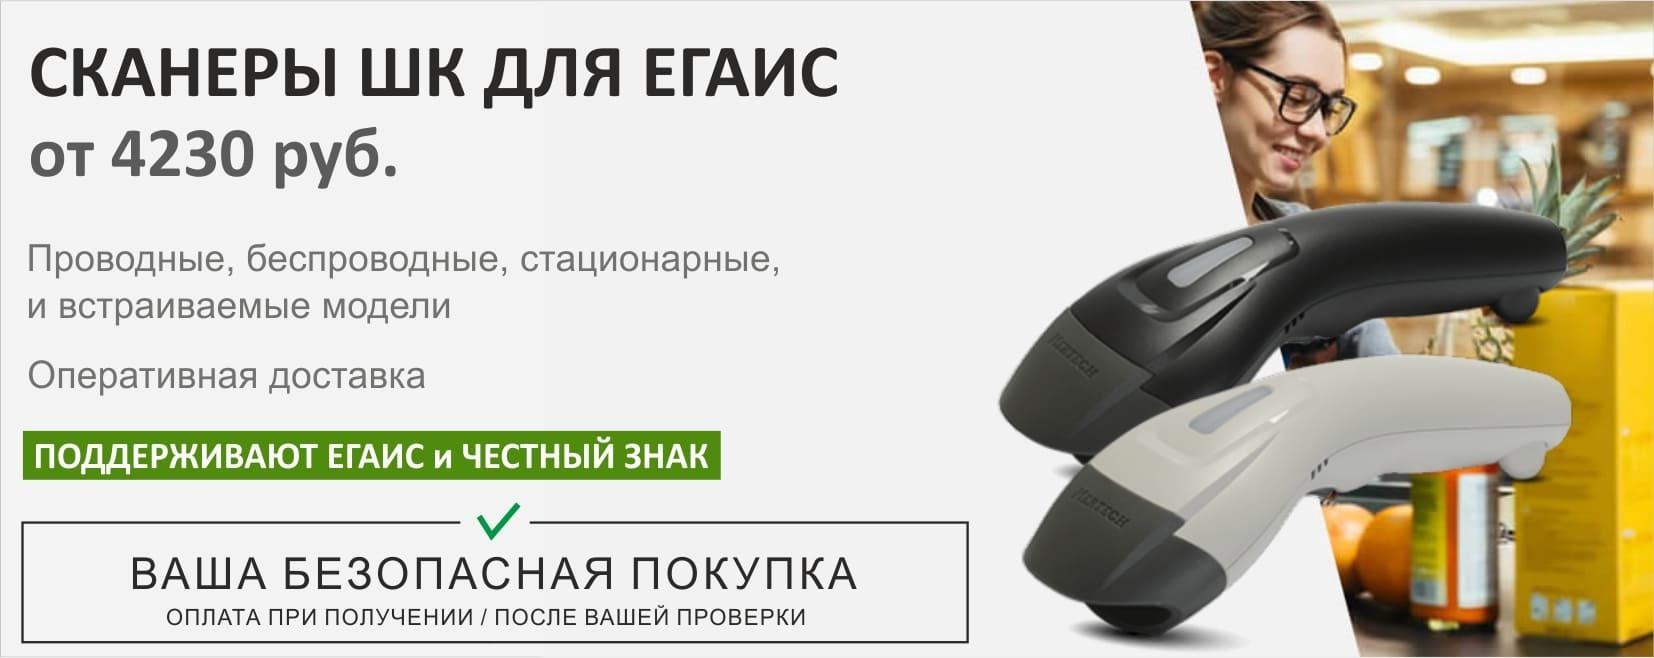 - Сканеры ШК для ЕГАИС